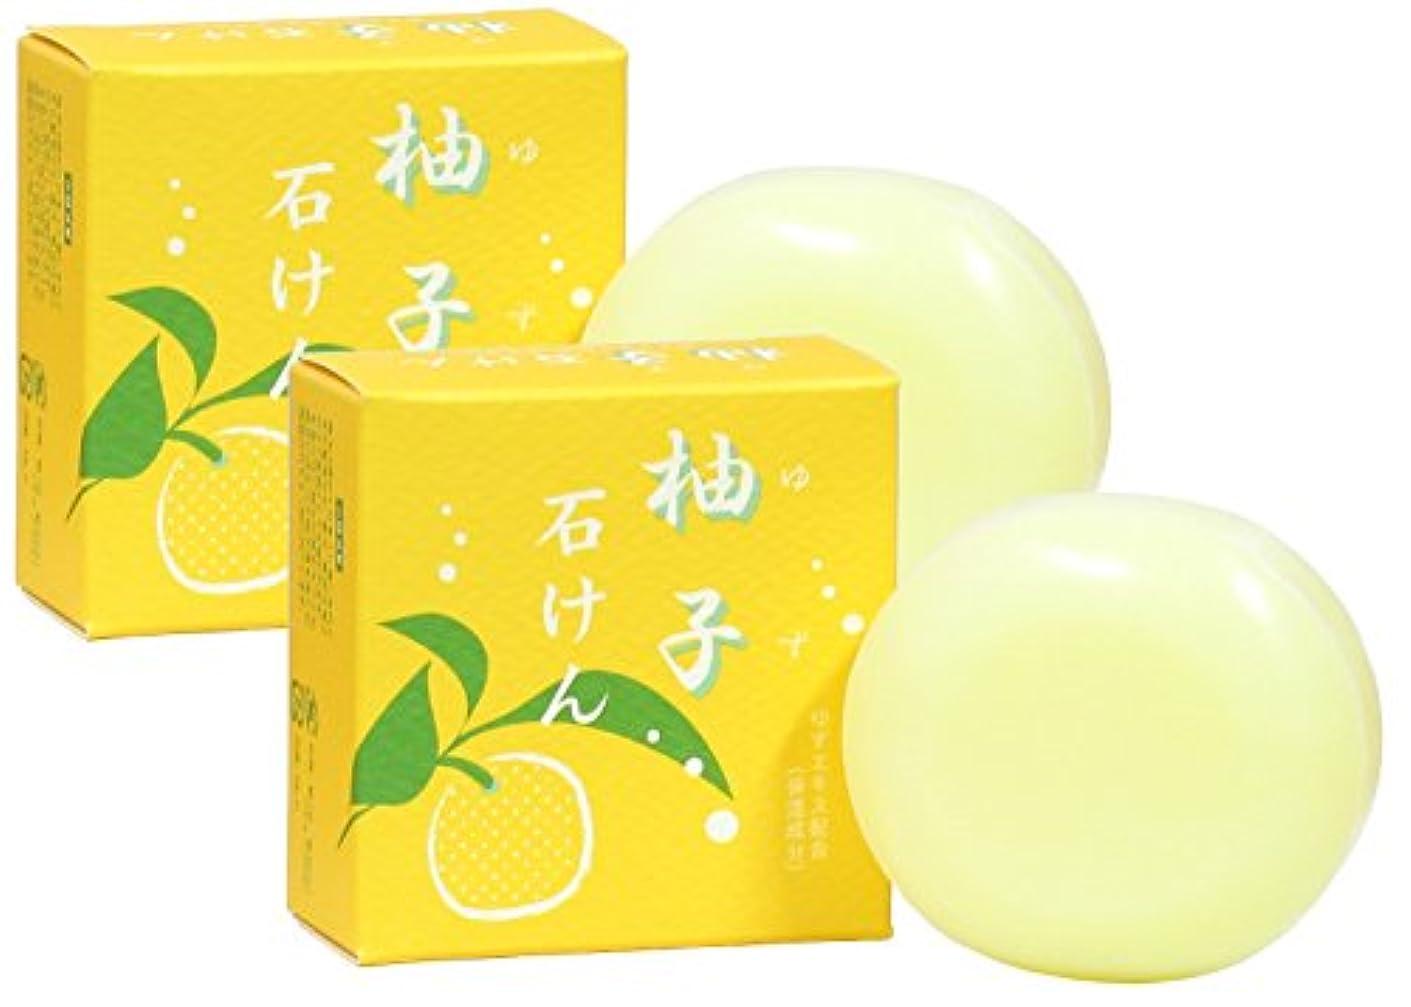 月曜日味付け透明にゆず石鹸100g×2個 ユズ 柚子 石けん せっけん セッケン